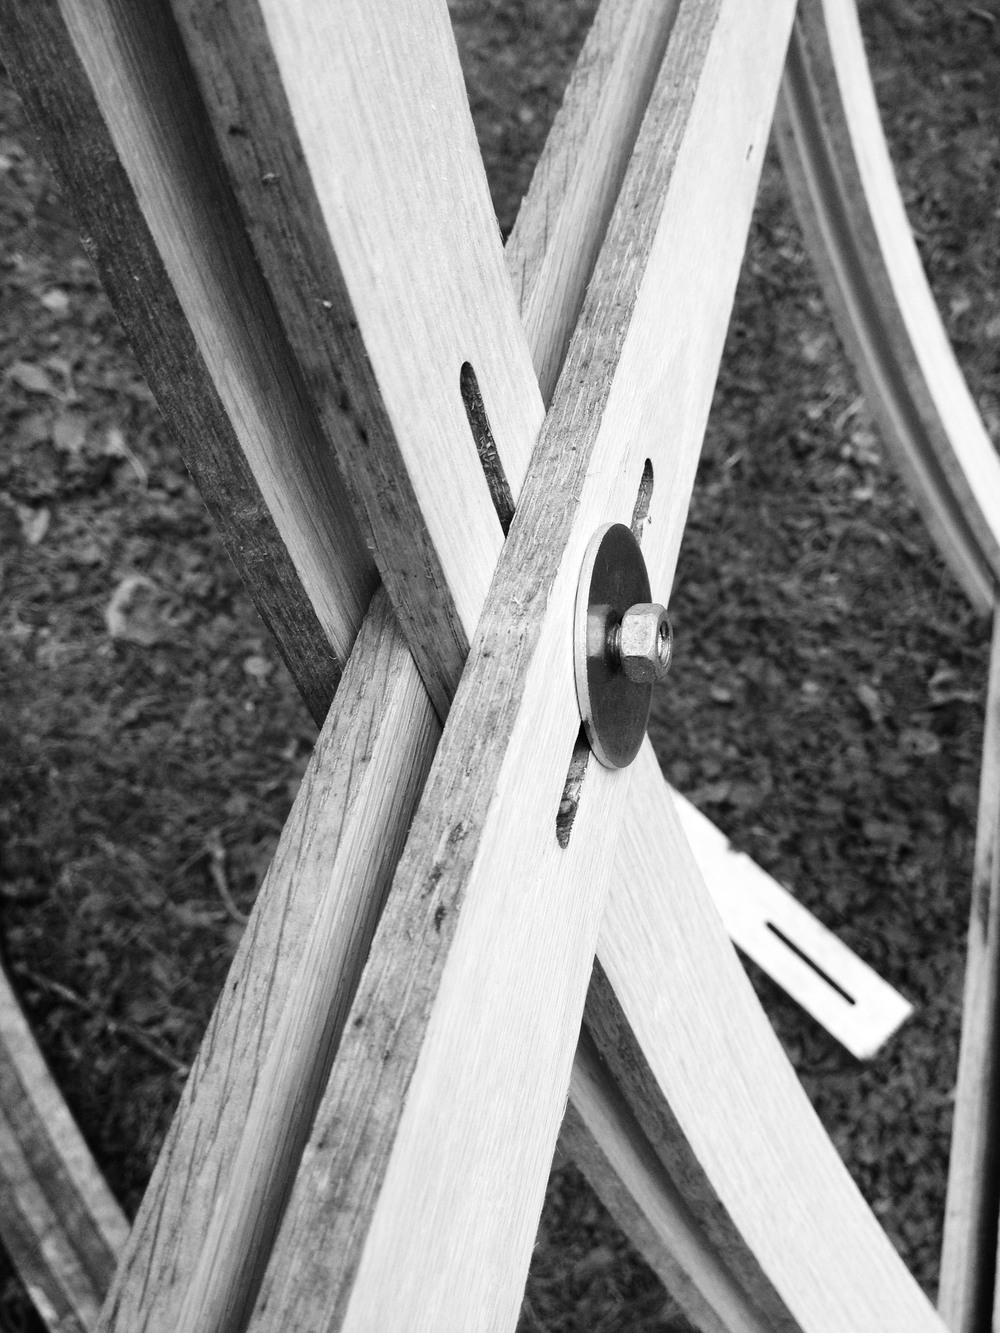 Treehouse_detail.jpg